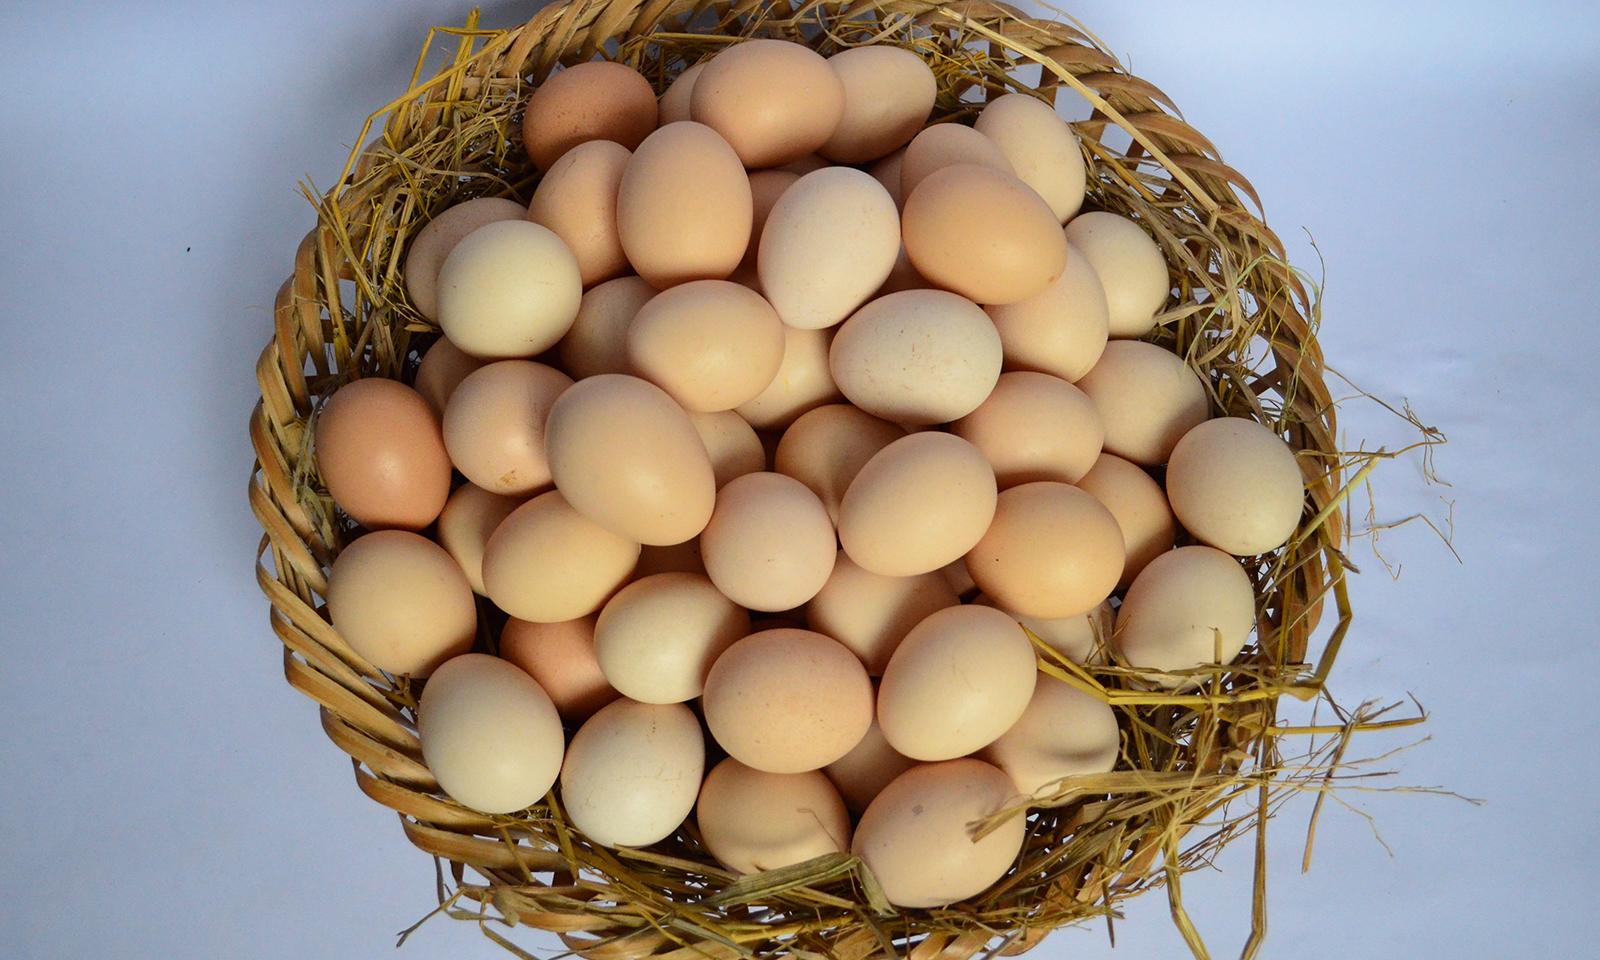 Trị thâm quầng mắt bằng trứng gà cực hiệu quả cho chị em1